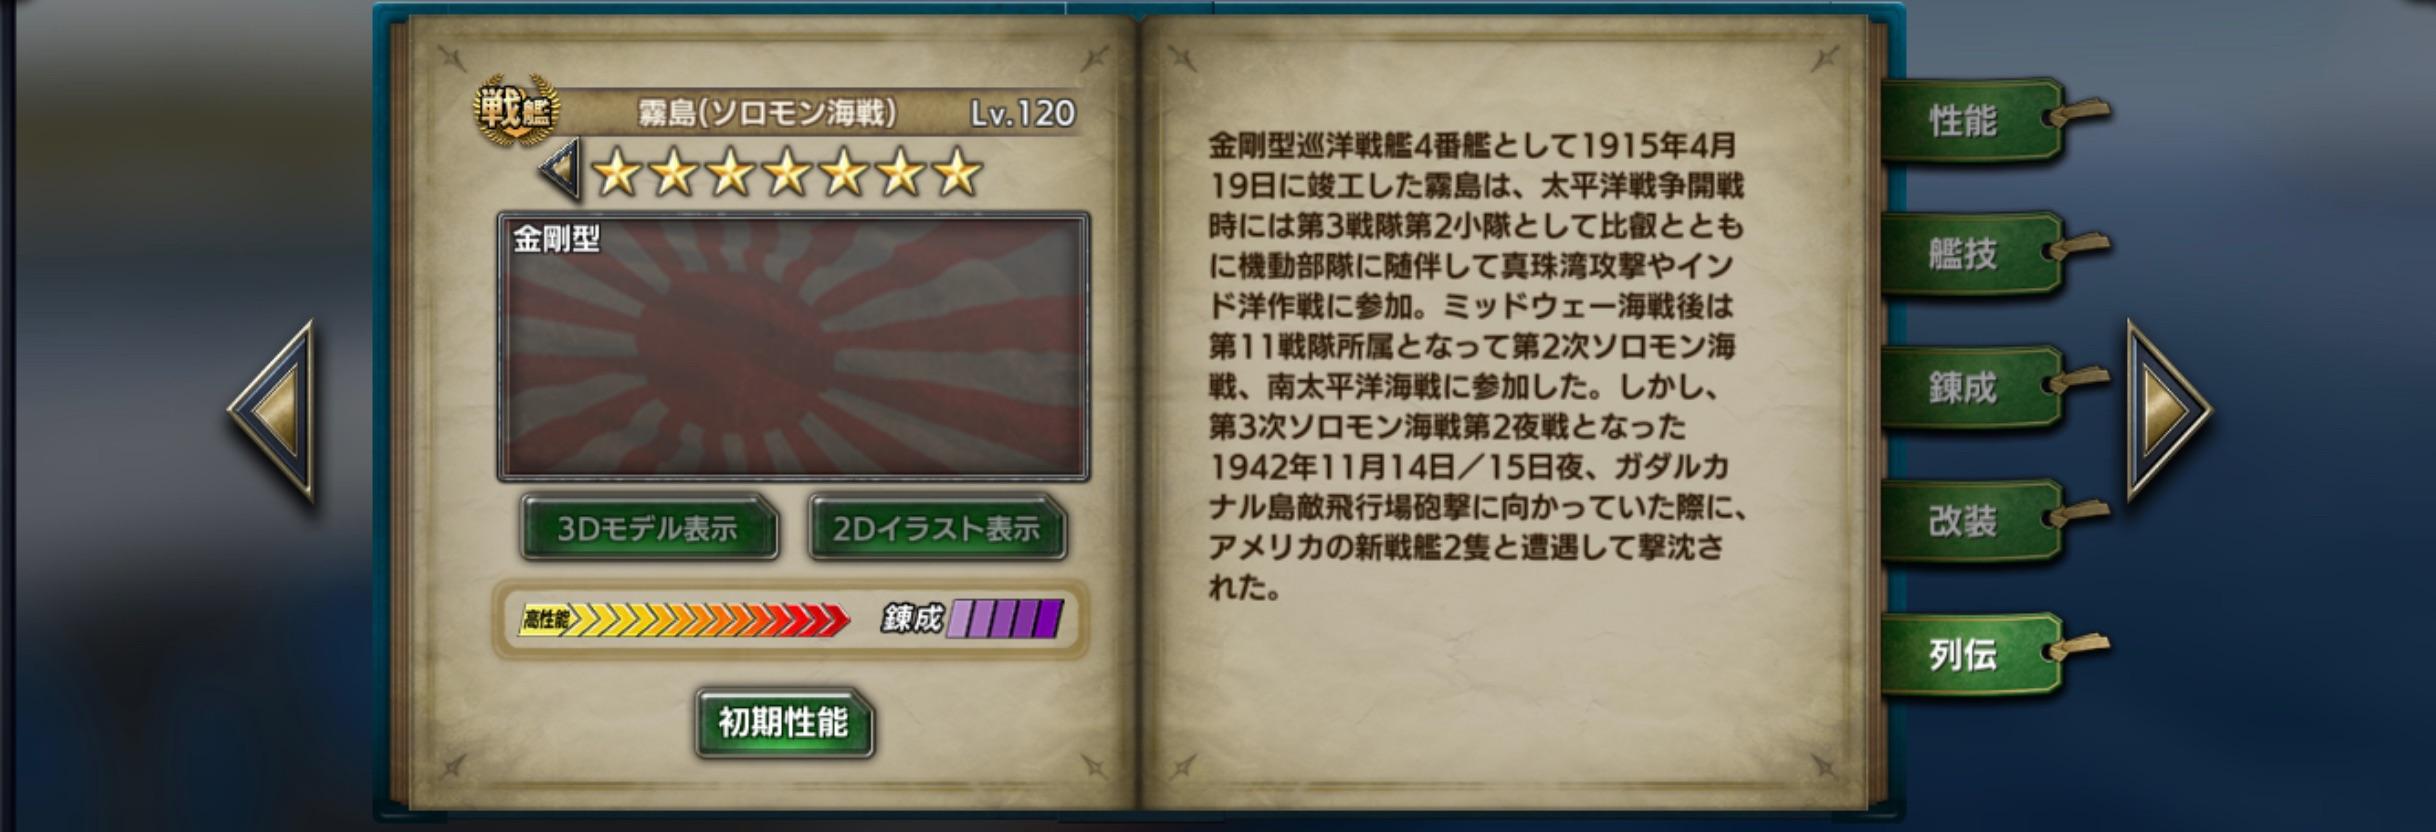 KirishimaS-history